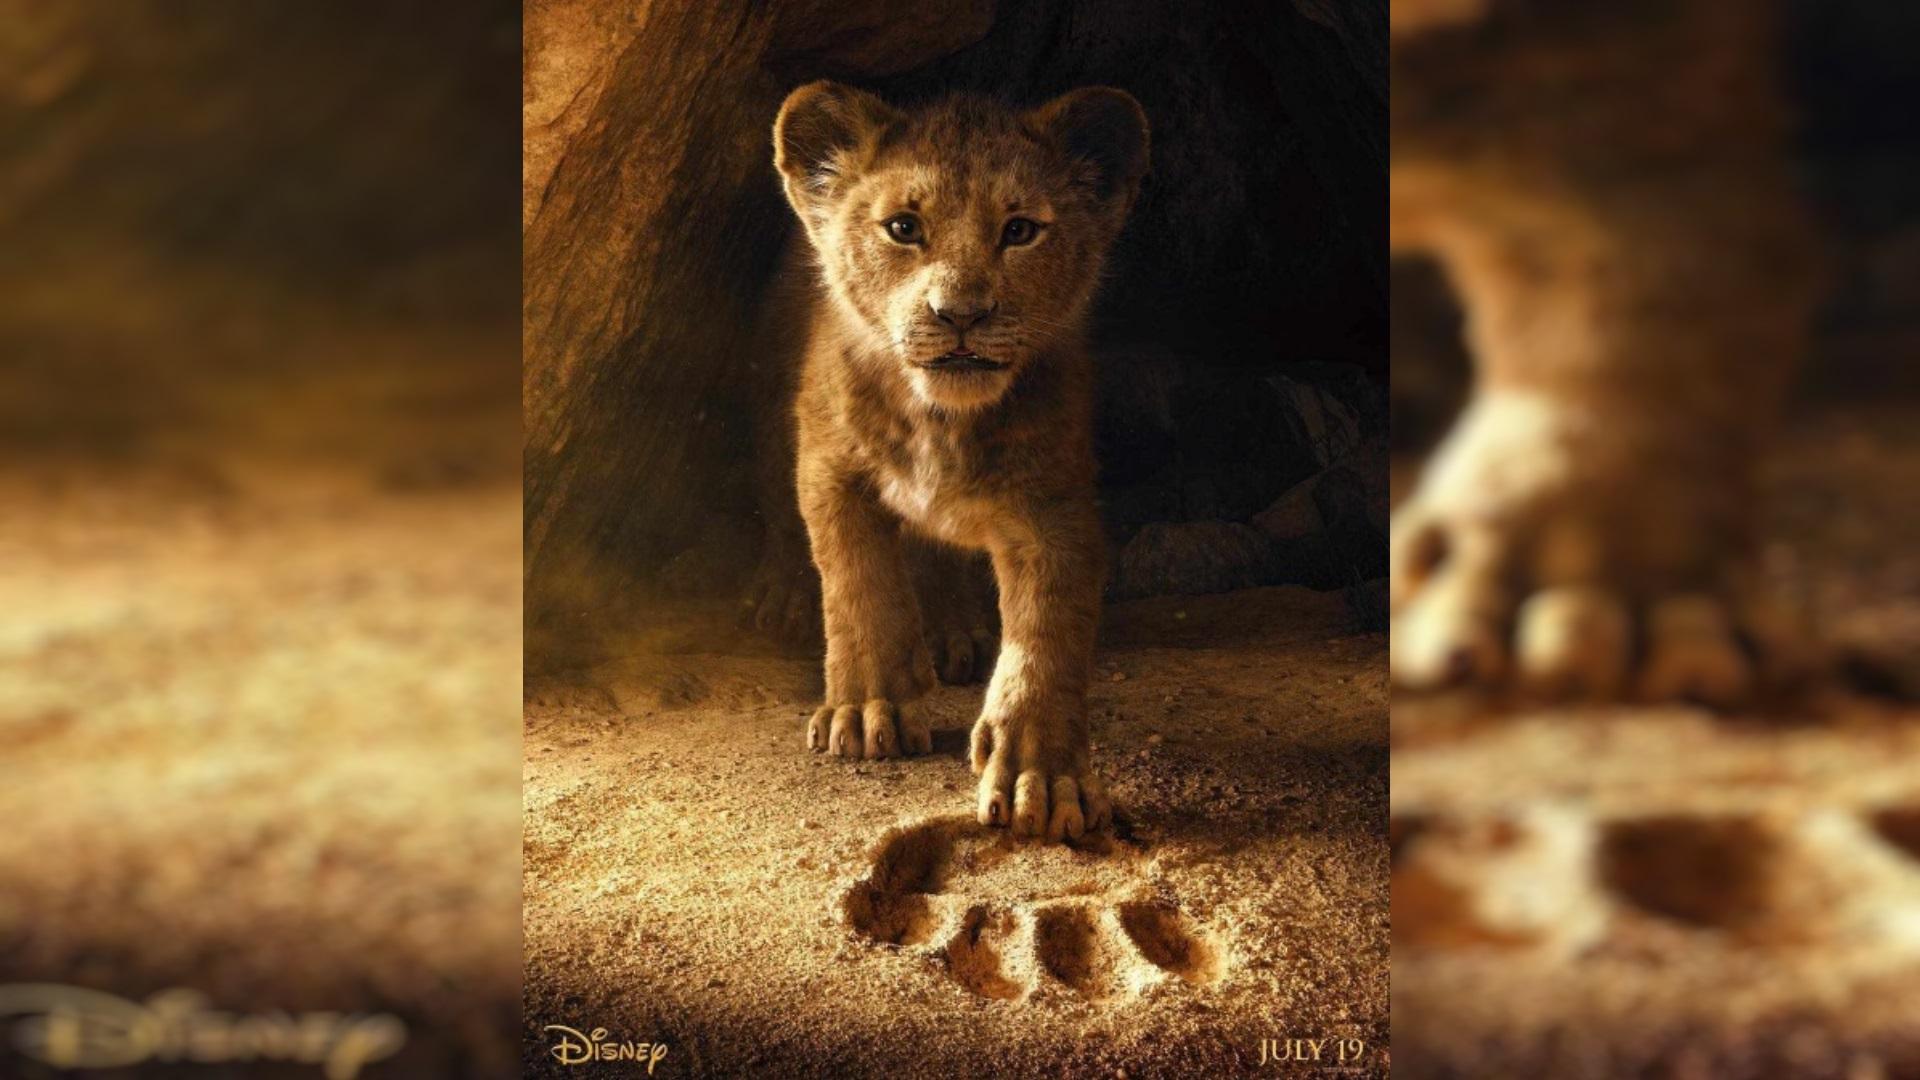 3ds max, CGI, curso 3d max barcelona mexico, curso de vray barcelona y mexico, disney, el rey leon, the lion king, VRAY